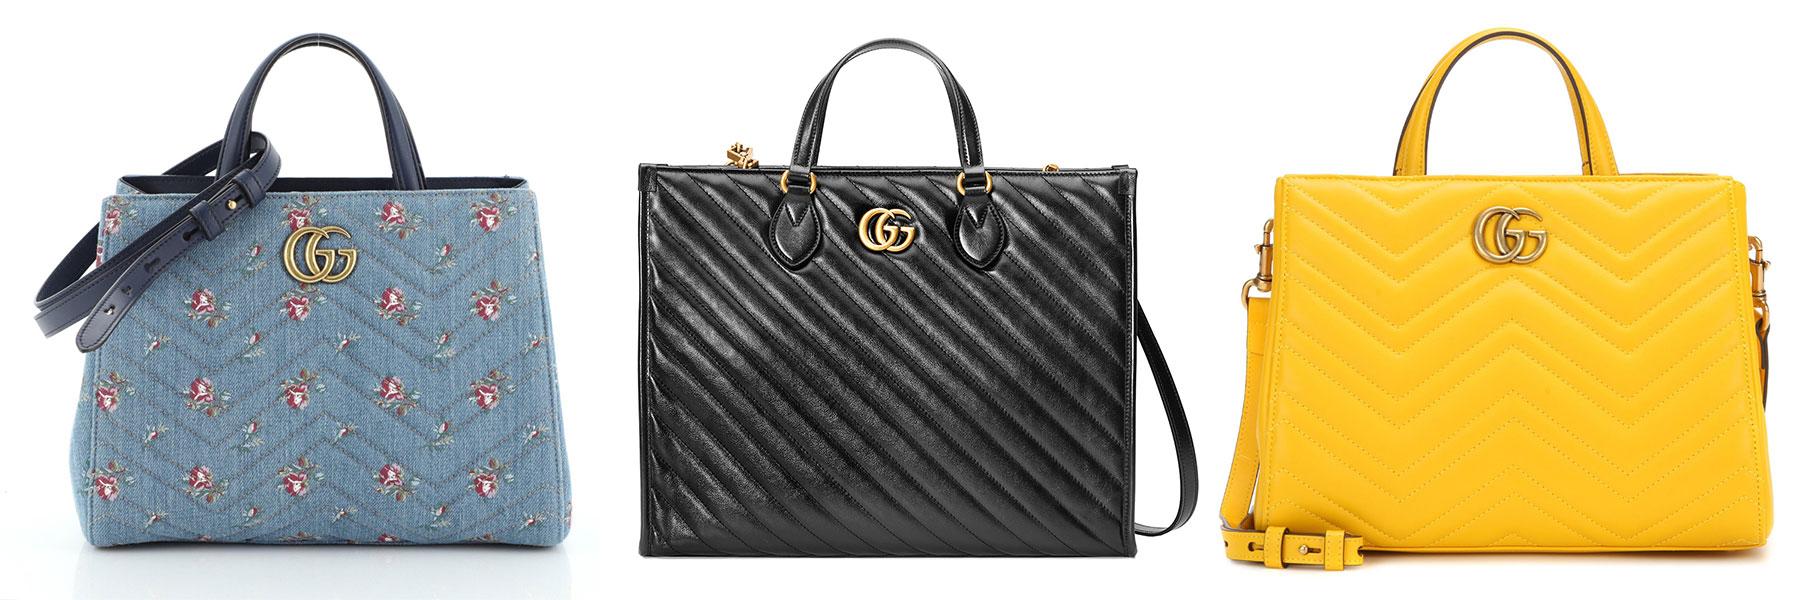 Có nên đầu tư mua túi Gucci GG Marmont? | Review 2